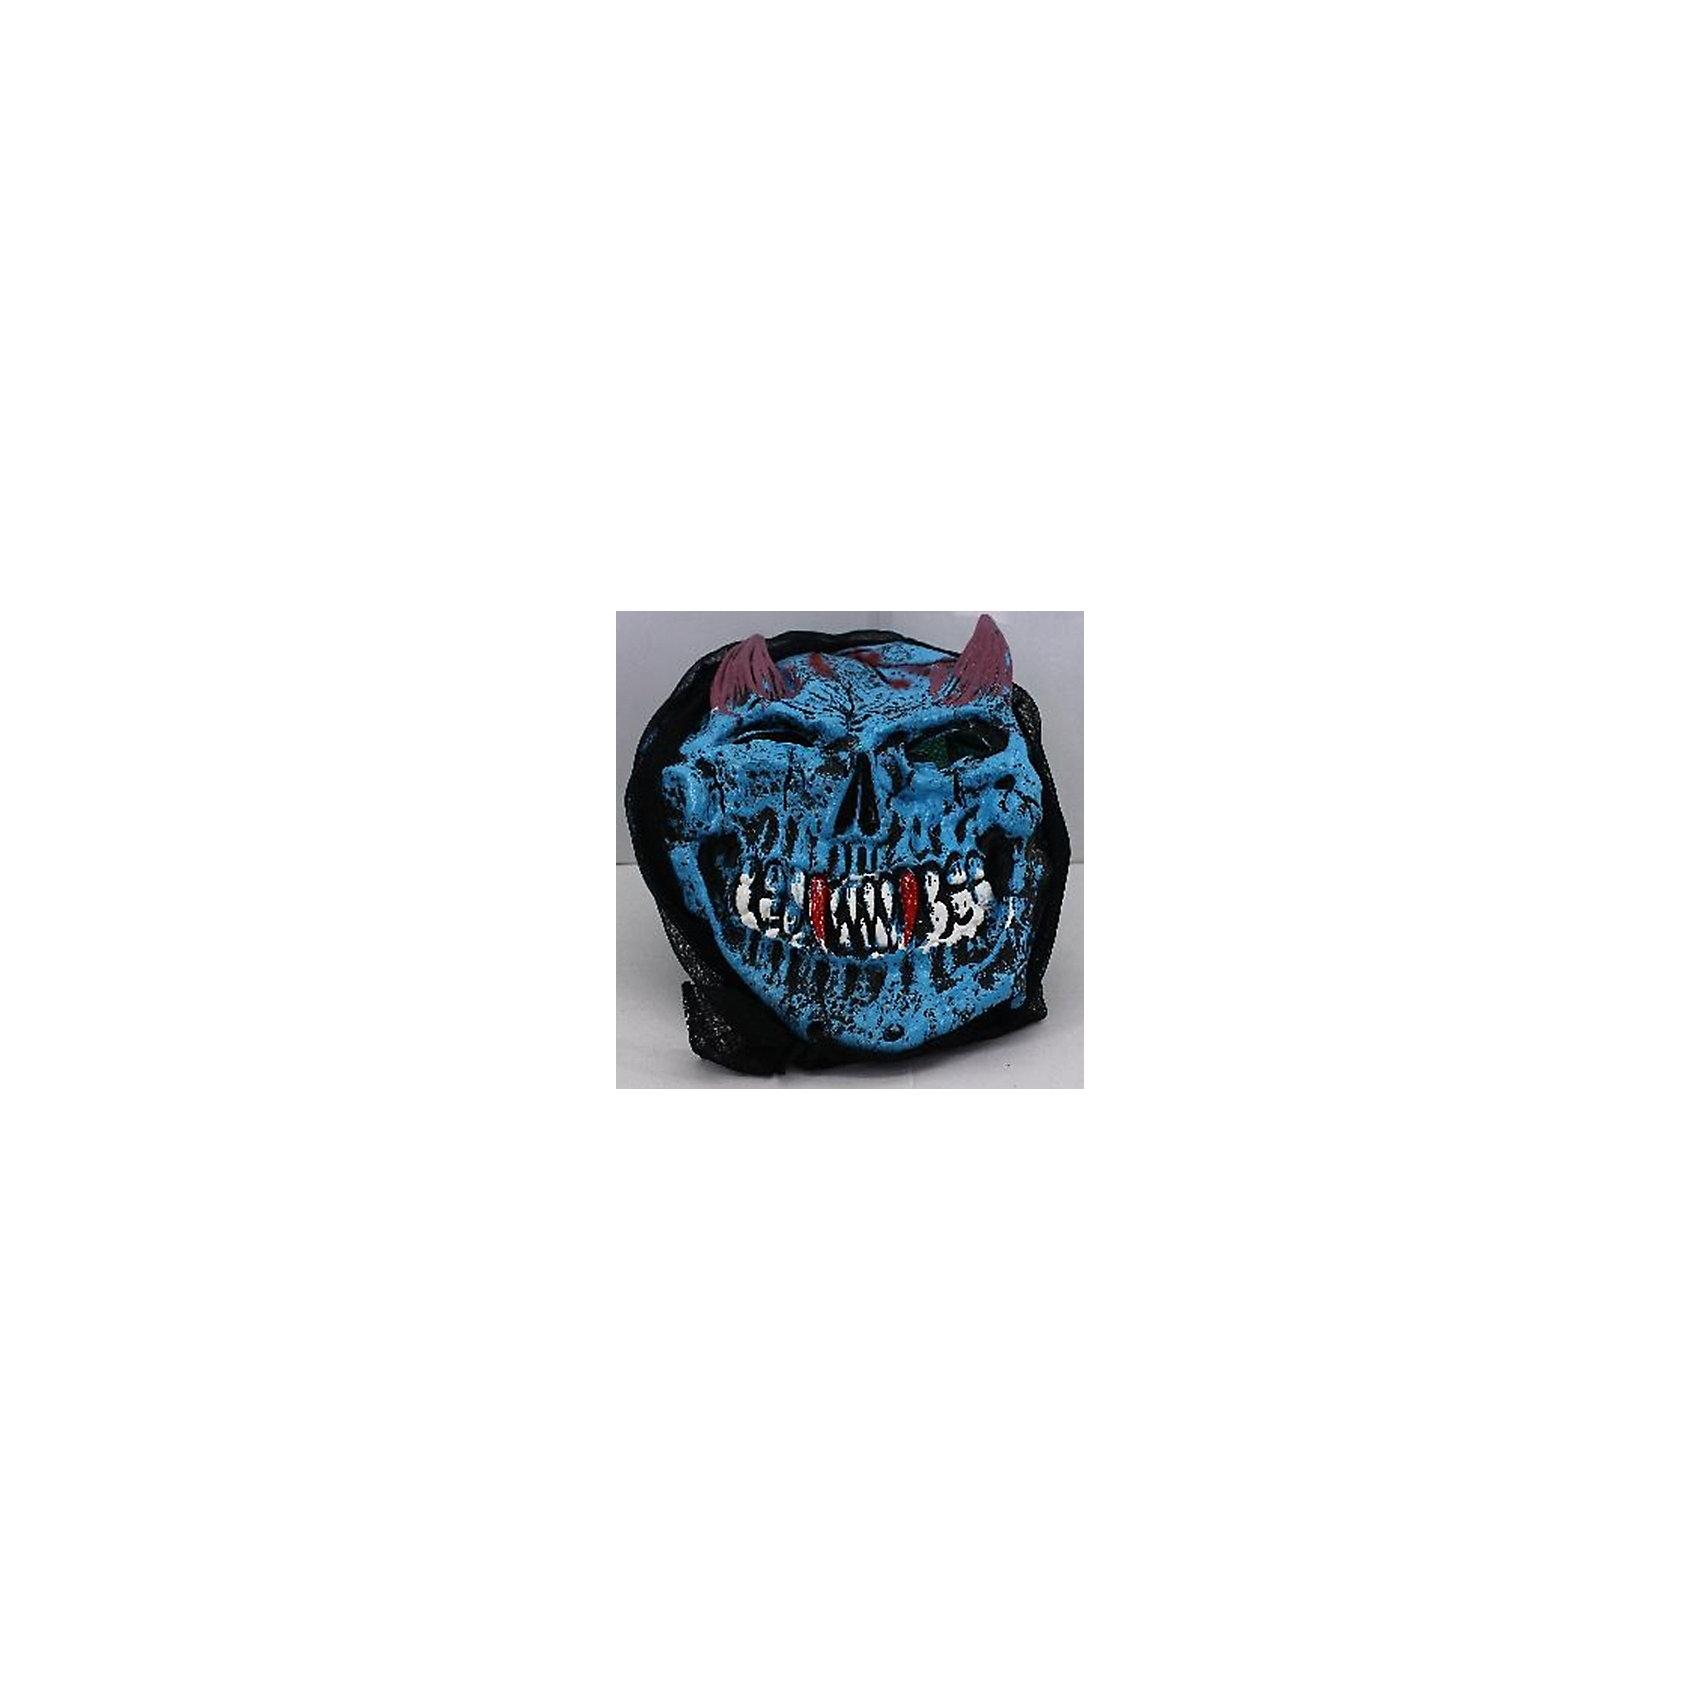 Карнавальная маска Череп с рожками, голубойКарнавальная маска Череп с рожками, голубой - это детализированный элемент карнавального костюма, представляющий собой маску, которая вызовет настоящий восторг у всех юных поклонников преображения. Маска очень практичная, ваш ребенок всё увидит через глазницы существа. Если у него будет костюм в едином стиле с маской, то приз на любом конкурсе костюмов ему обеспечен. Эти маски могут понравится как девочкам, так и мальчикам, ведь все дети хотят хоть раз побыть на стороне чудовища.<br><br>Карнавальная маска Череп с рожками, голубой можно купить в нашем интернет-магазине.<br><br>Ширина мм: 250<br>Глубина мм: 10<br>Высота мм: 200<br>Вес г: 100<br>Возраст от месяцев: 72<br>Возраст до месяцев: 192<br>Пол: Мужской<br>Возраст: Детский<br>SKU: 4767389